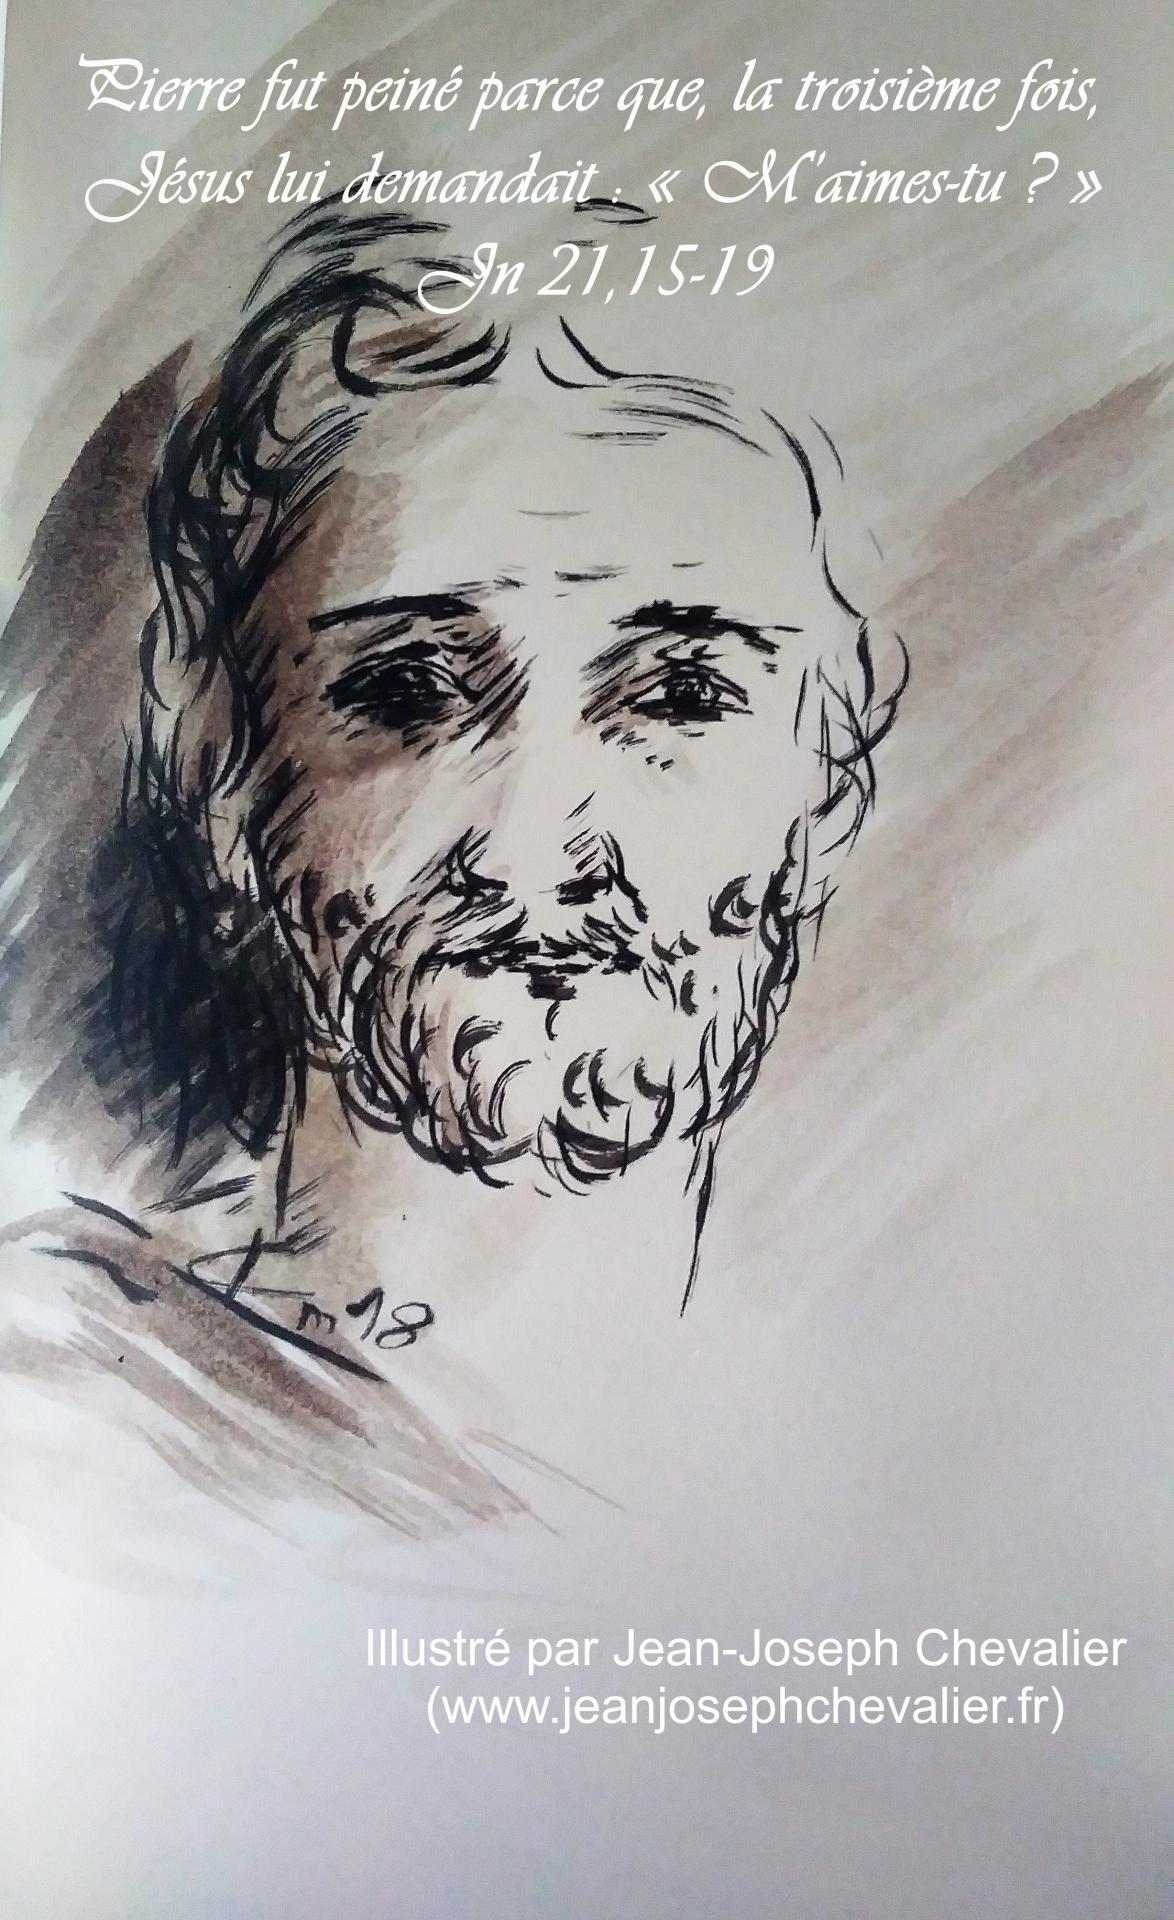 18 mai 2018 evangile du jour illustre par un dessin au lavis de jean joseph chevalier image